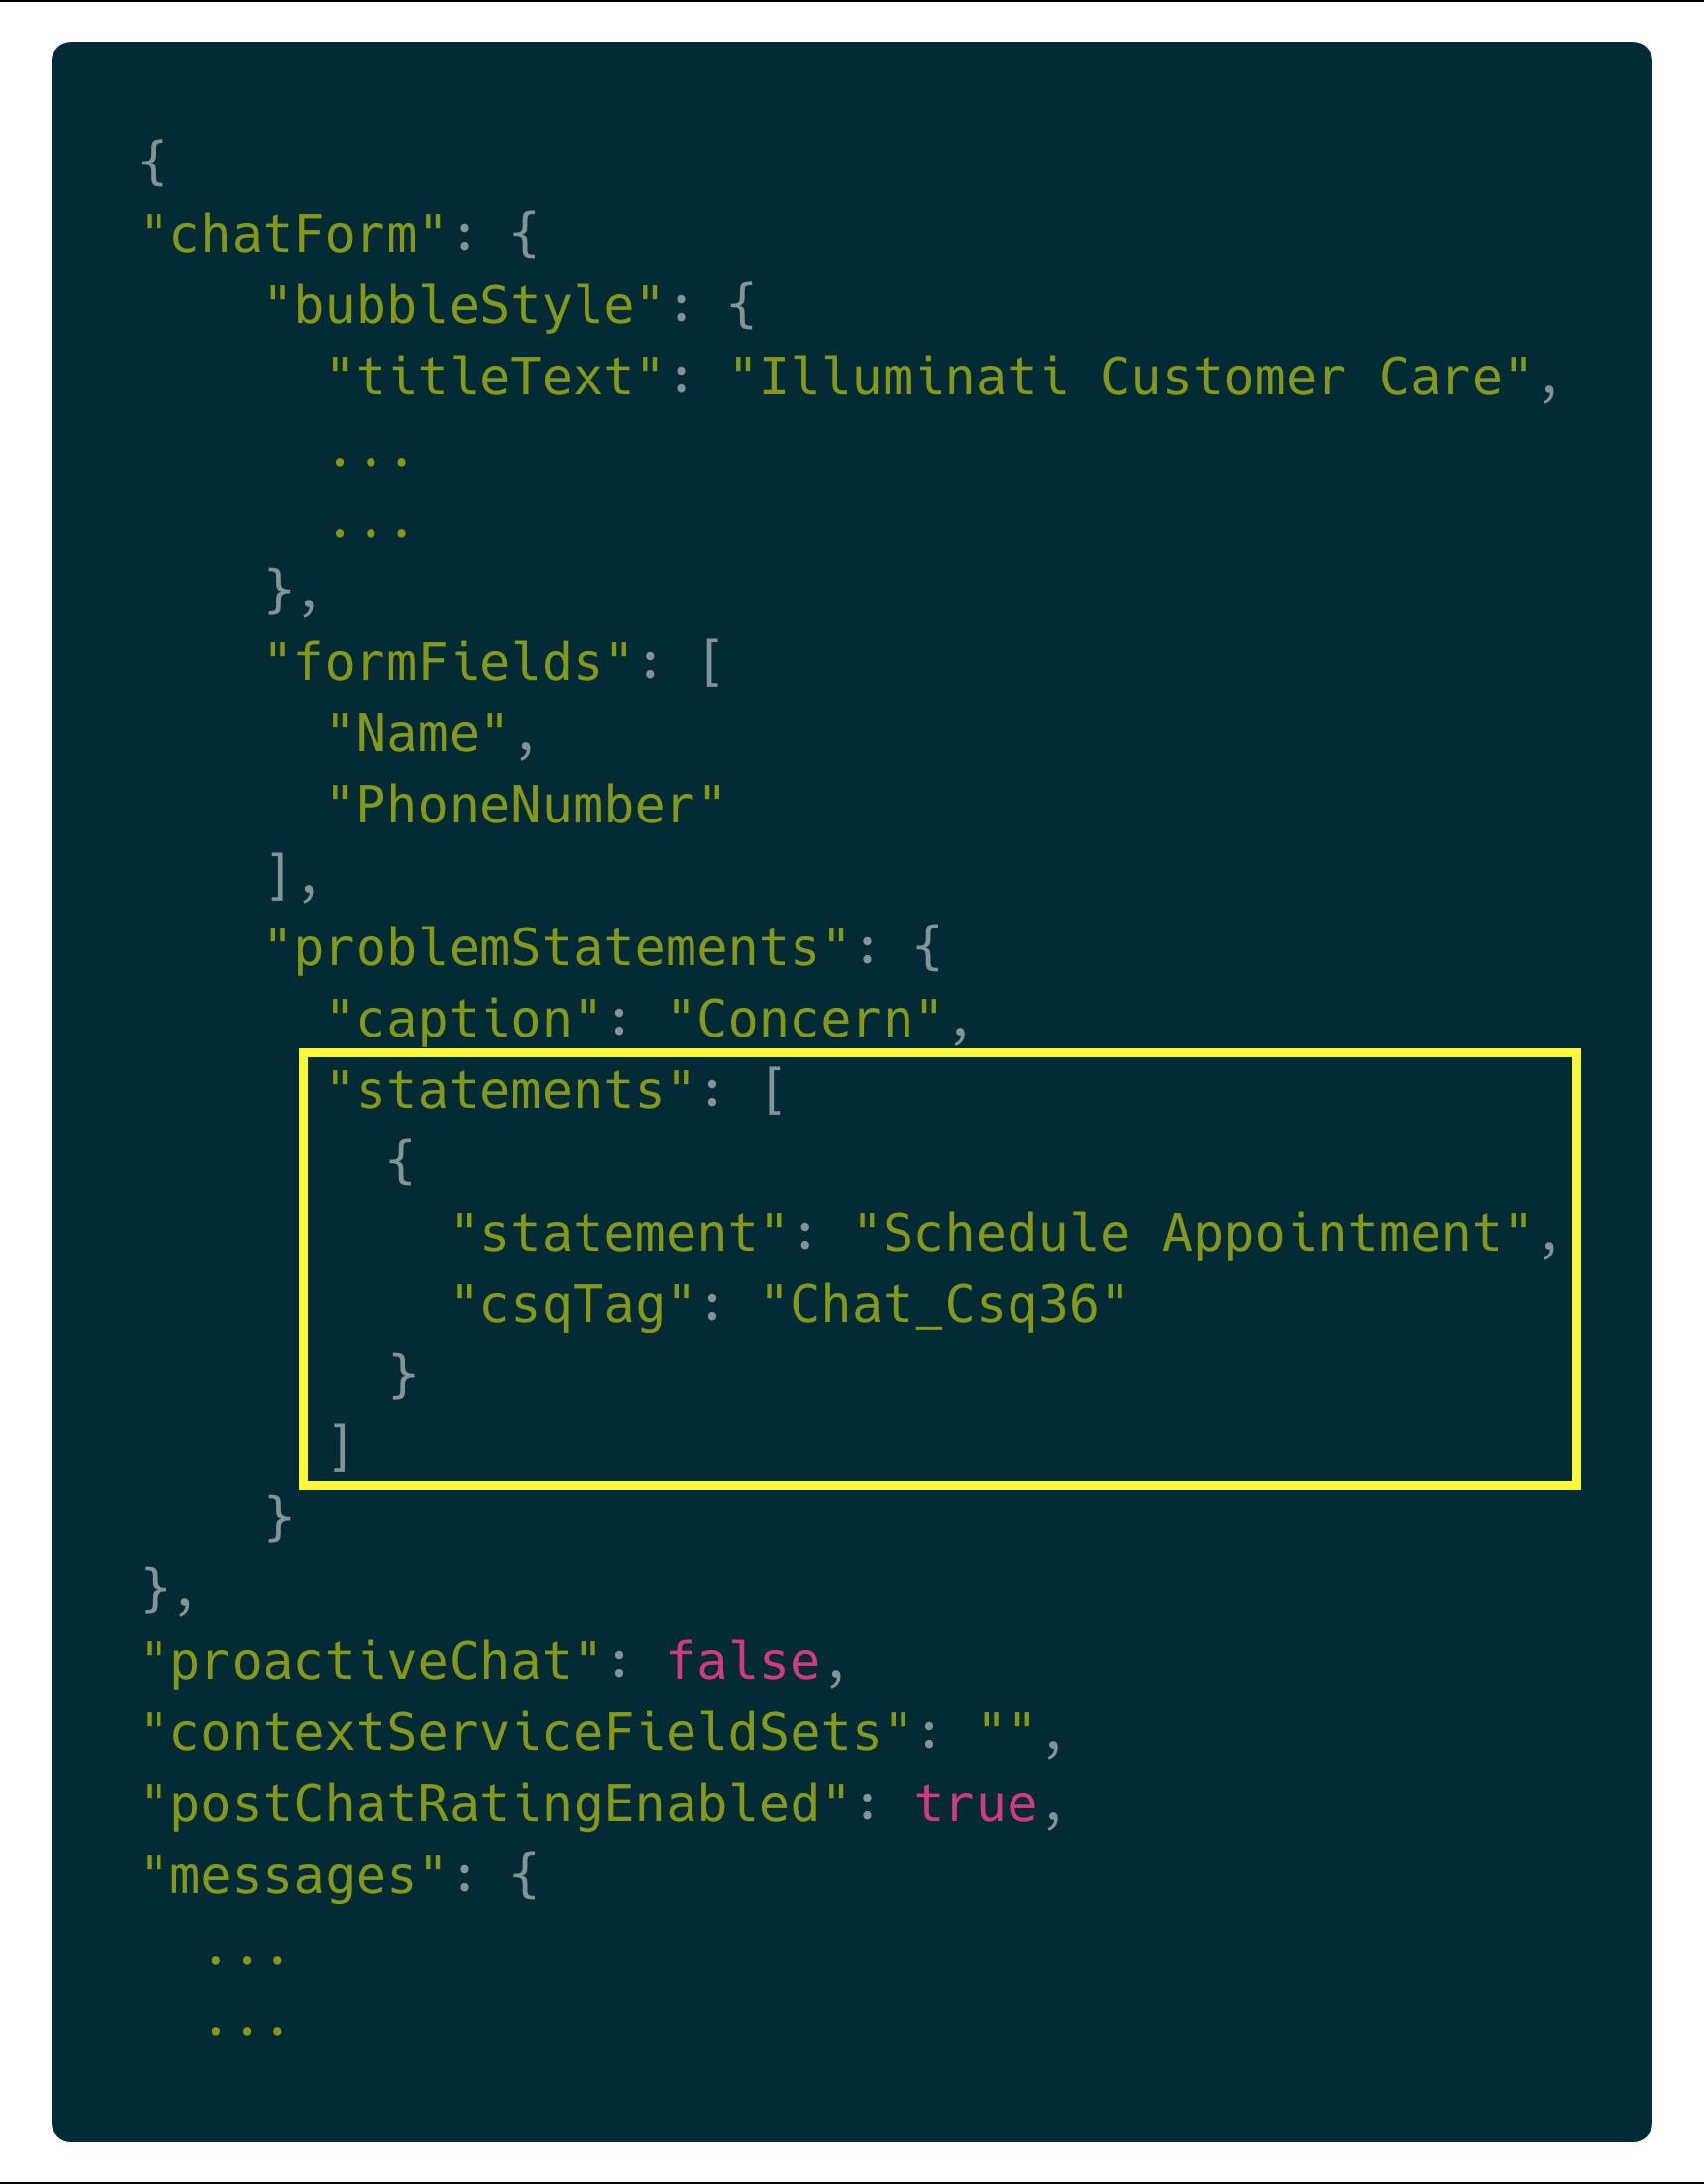 socialminer-sample-code/customer-chat at master